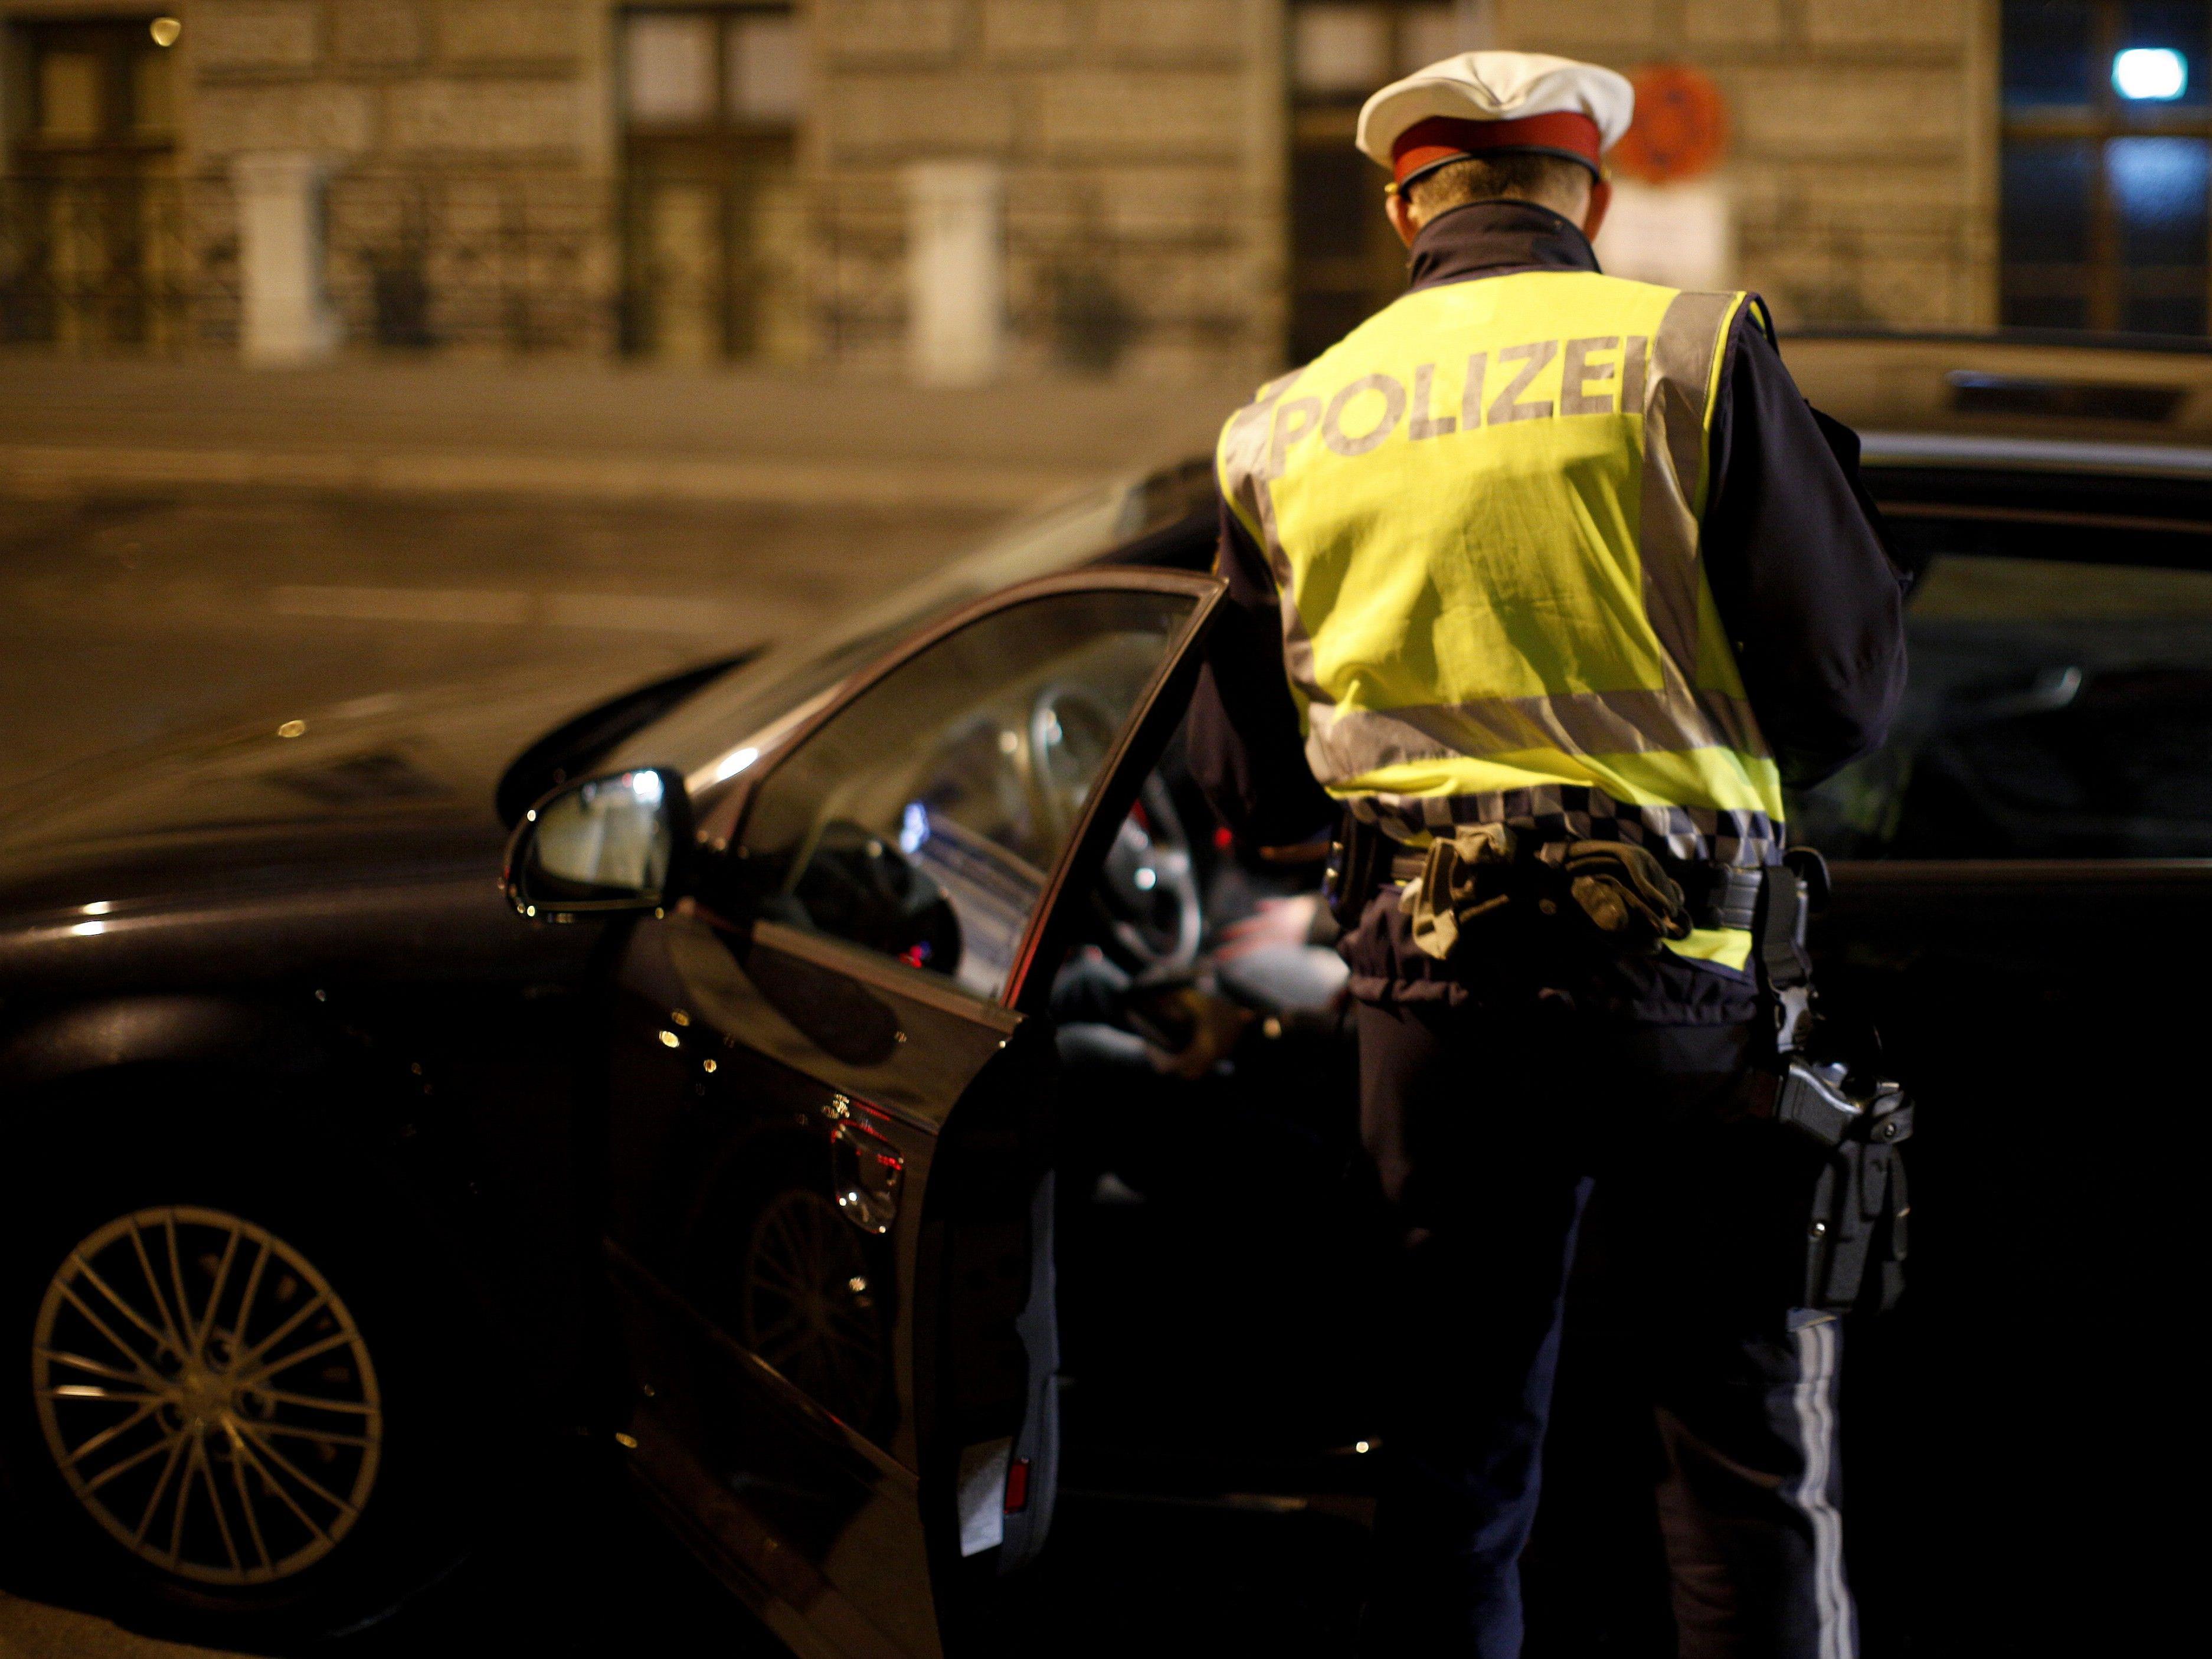 Der 29-Jährige wurde am Wiener Heldenplatz aufgehalten und kontrolliert.